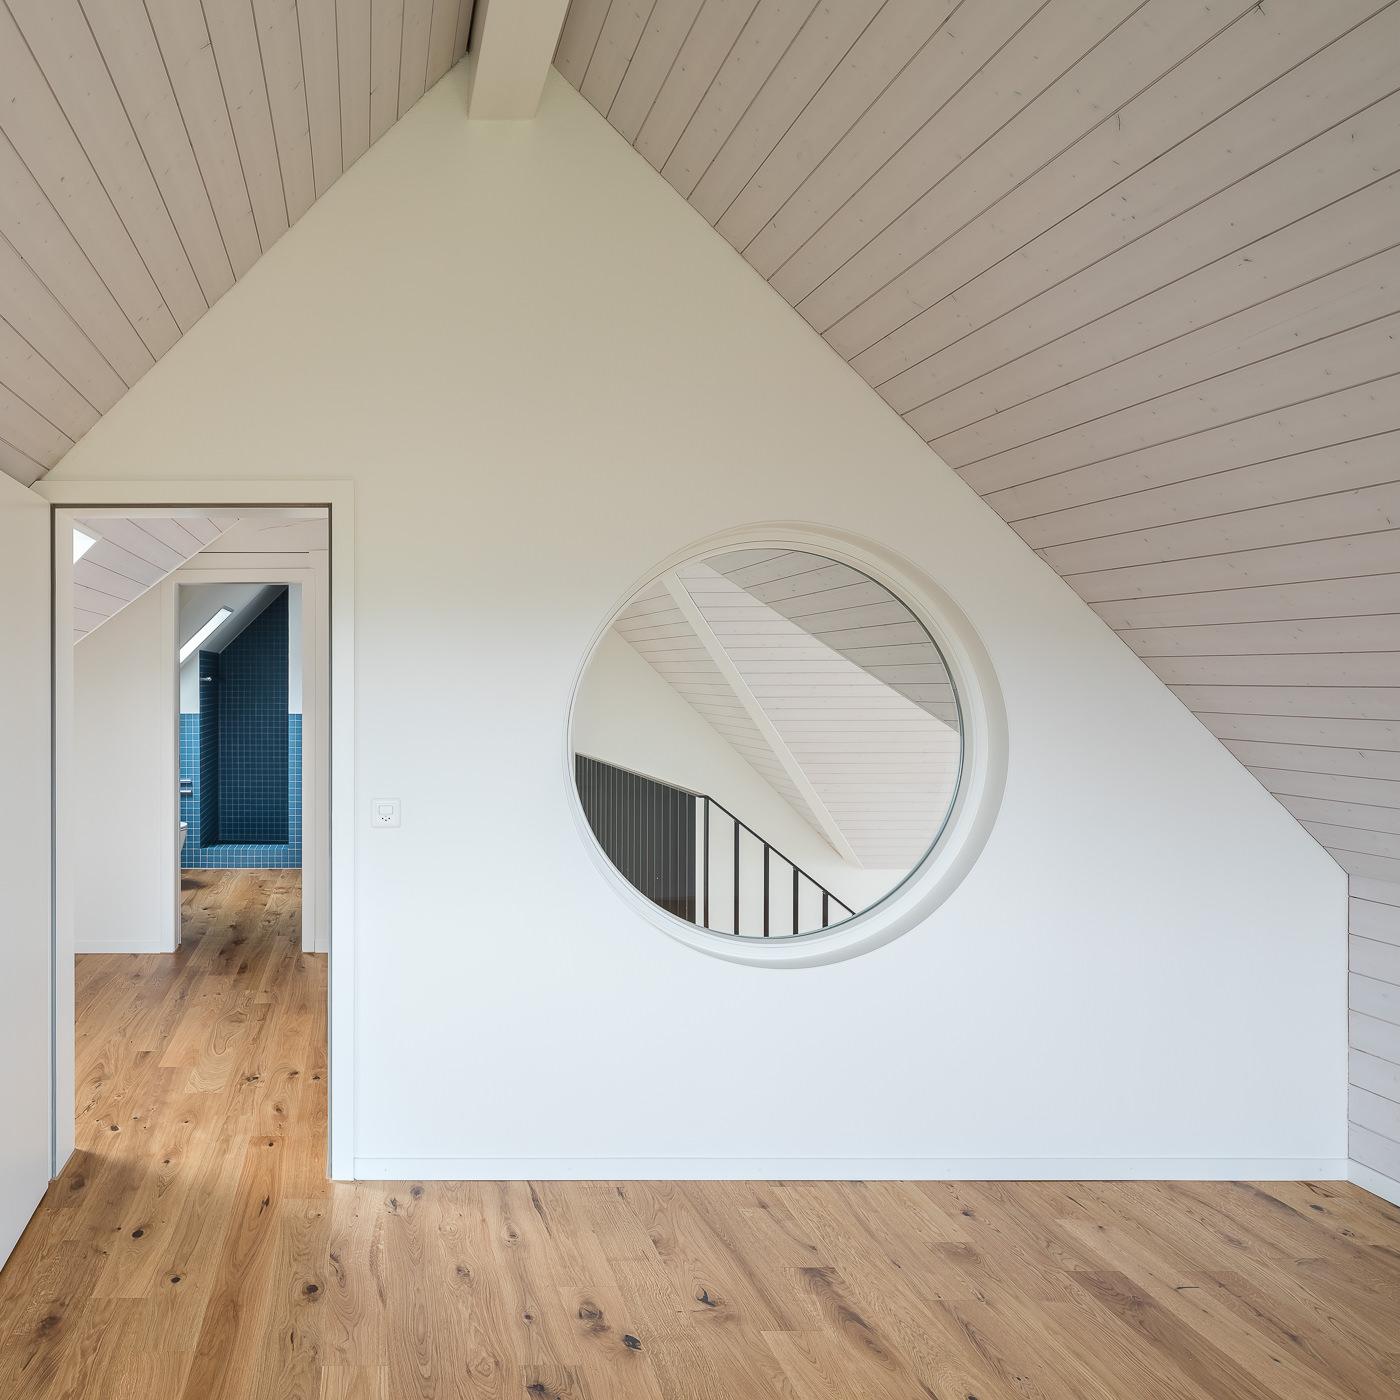 buan architekten – Umbau Attikawohnung Willisau – Foto – Dachzimmer